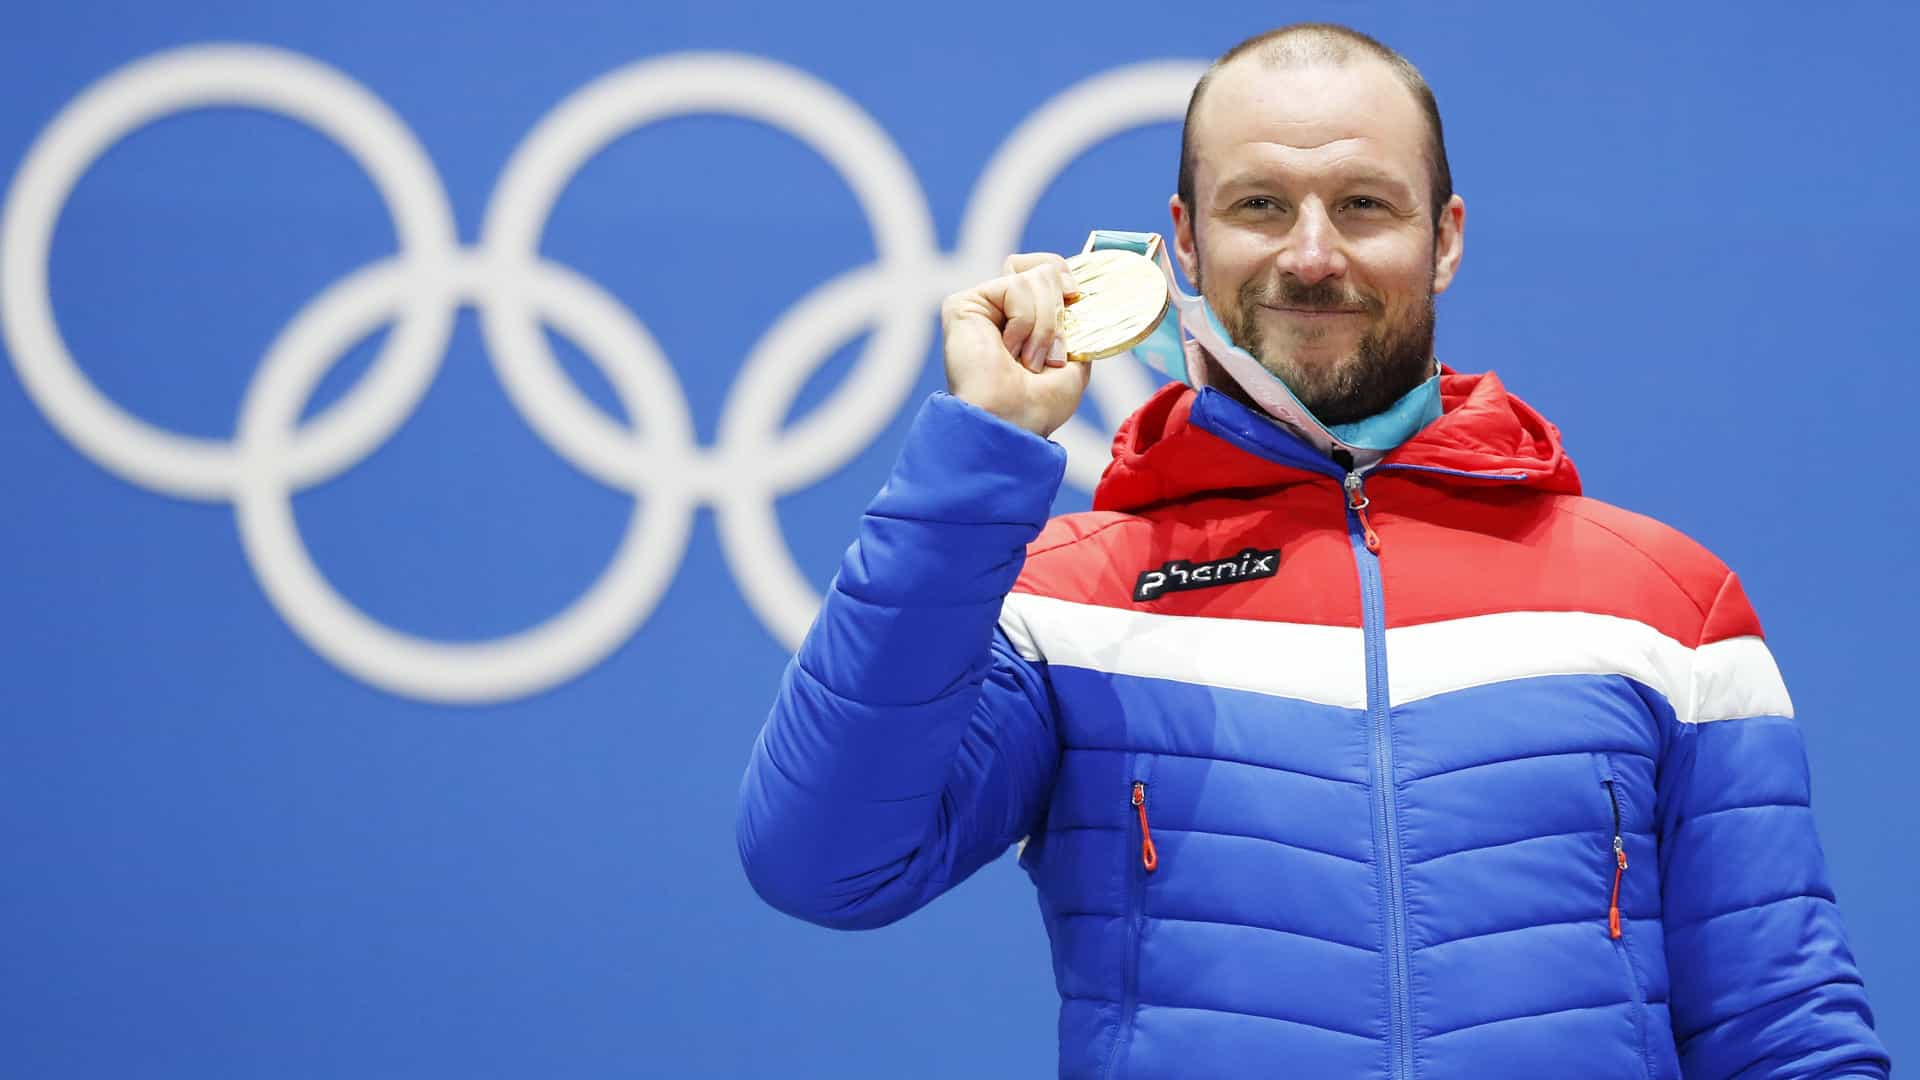 Noruega conquista o 1.º ouro olímpico na prova rainha do esqui alpino